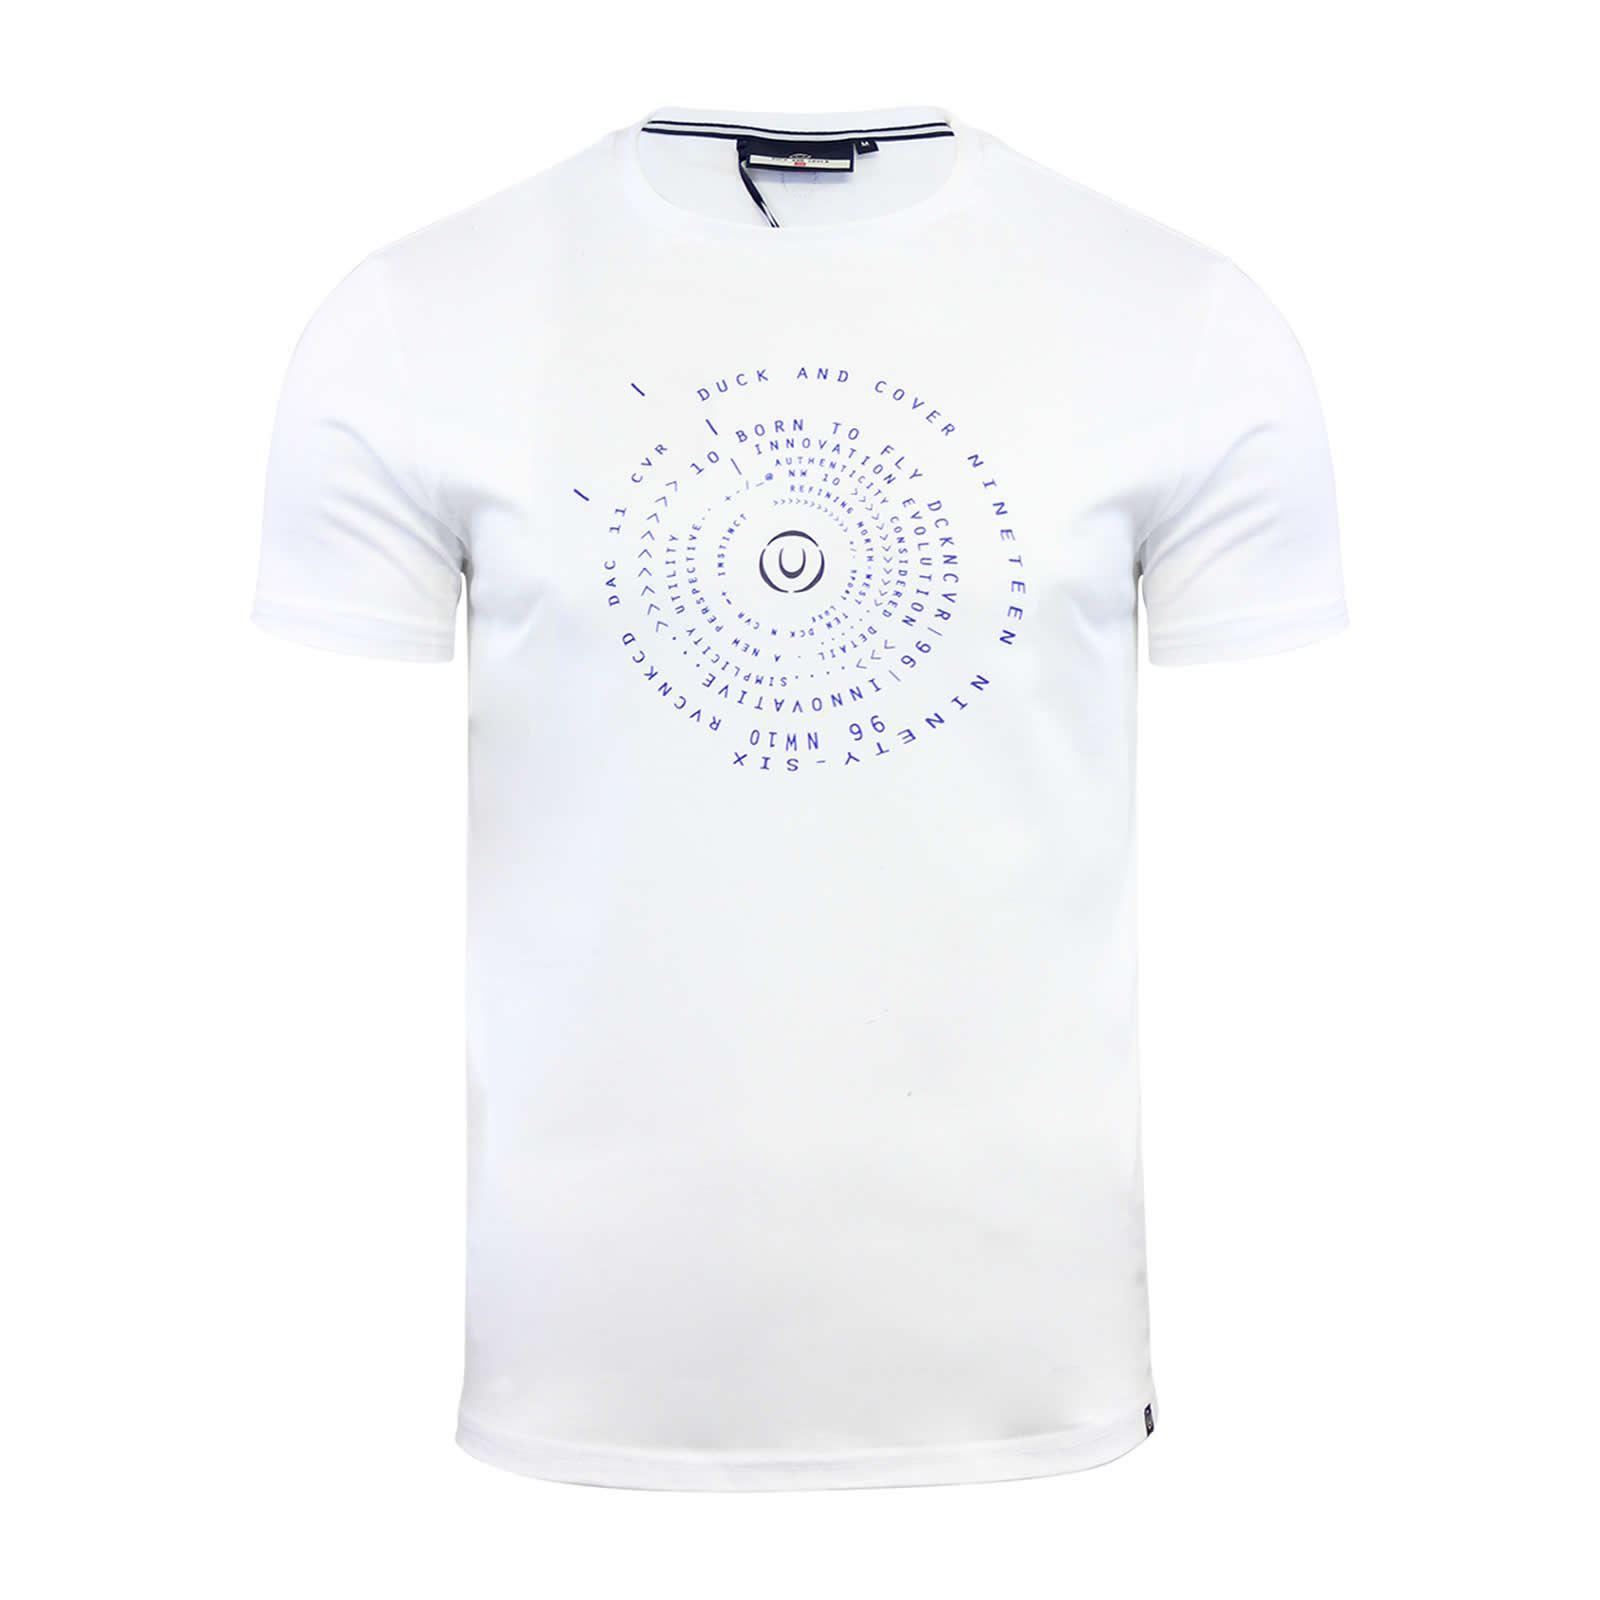 miniature 6 - Hommes-T-Shirt-Duck-amp-Cover-Quoins-coton-graphique-a-encolure-ras-du-cou-a-manches-courtes-Tee